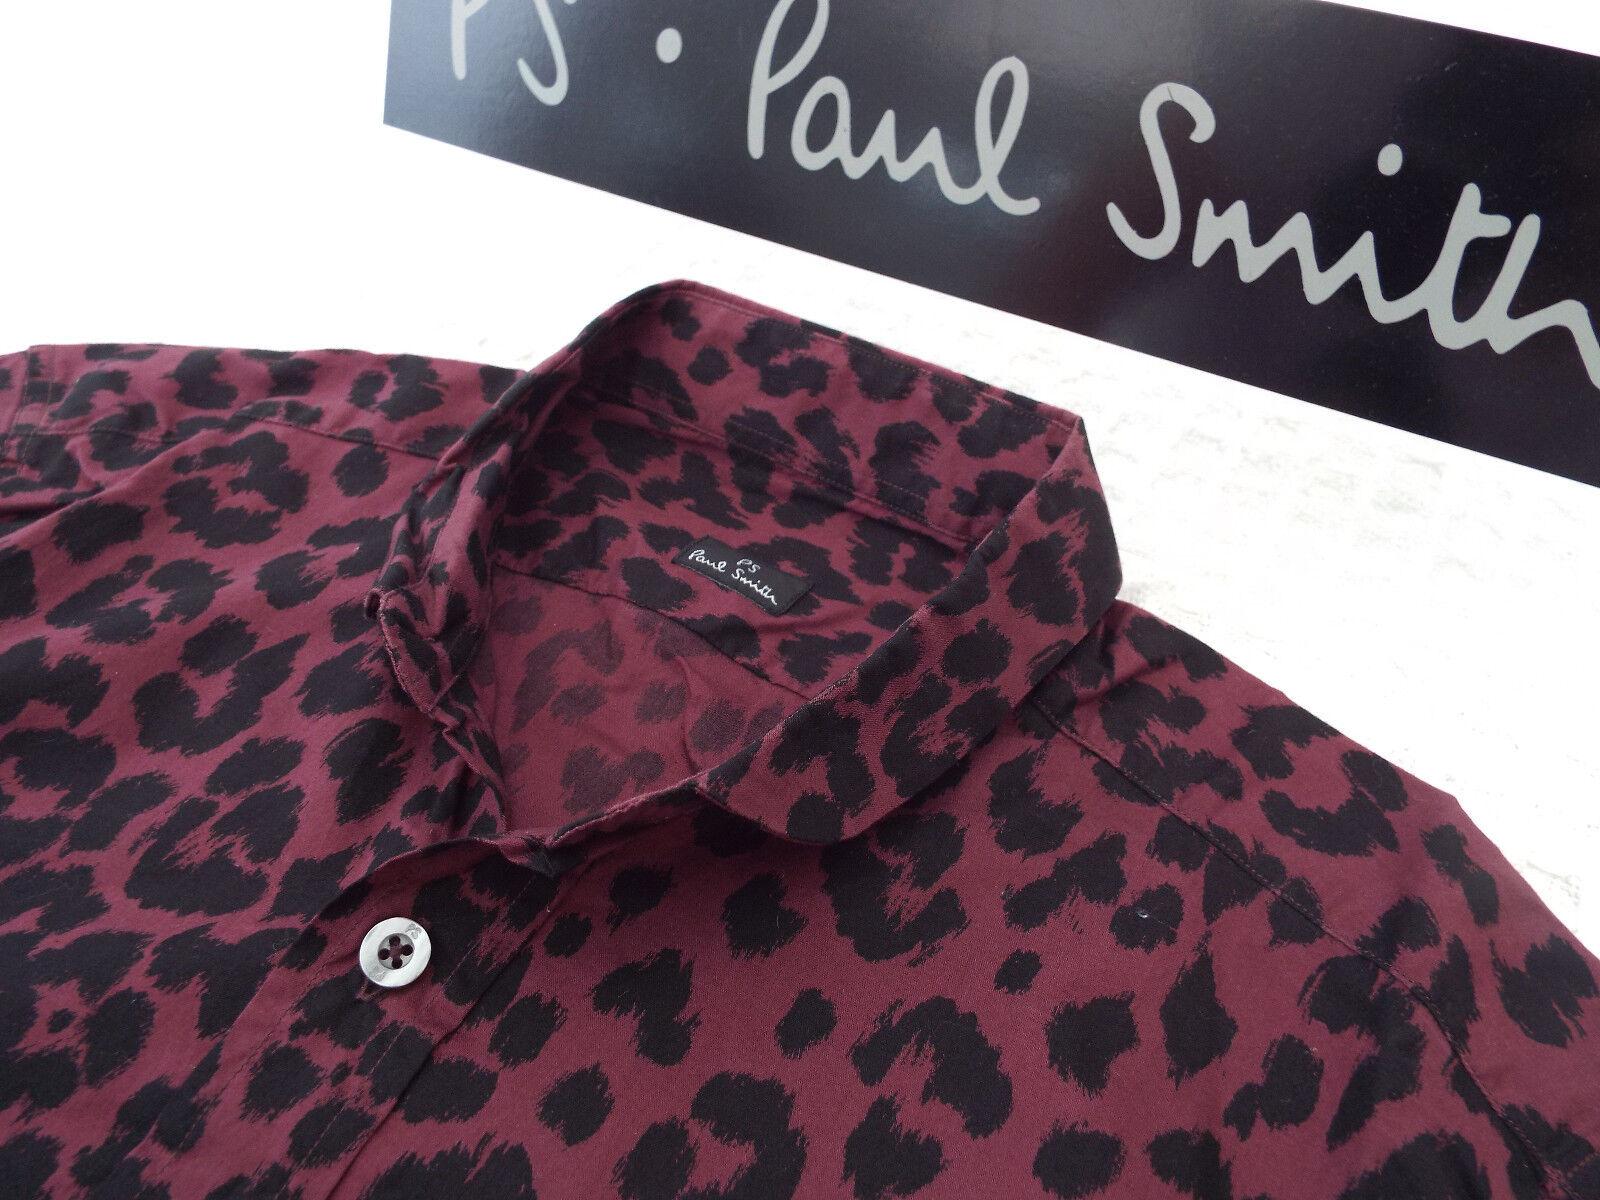 596d6a4eb0 Paul Smith Da Uomo Camicia taglia S (circonferenza (circonferenza ...